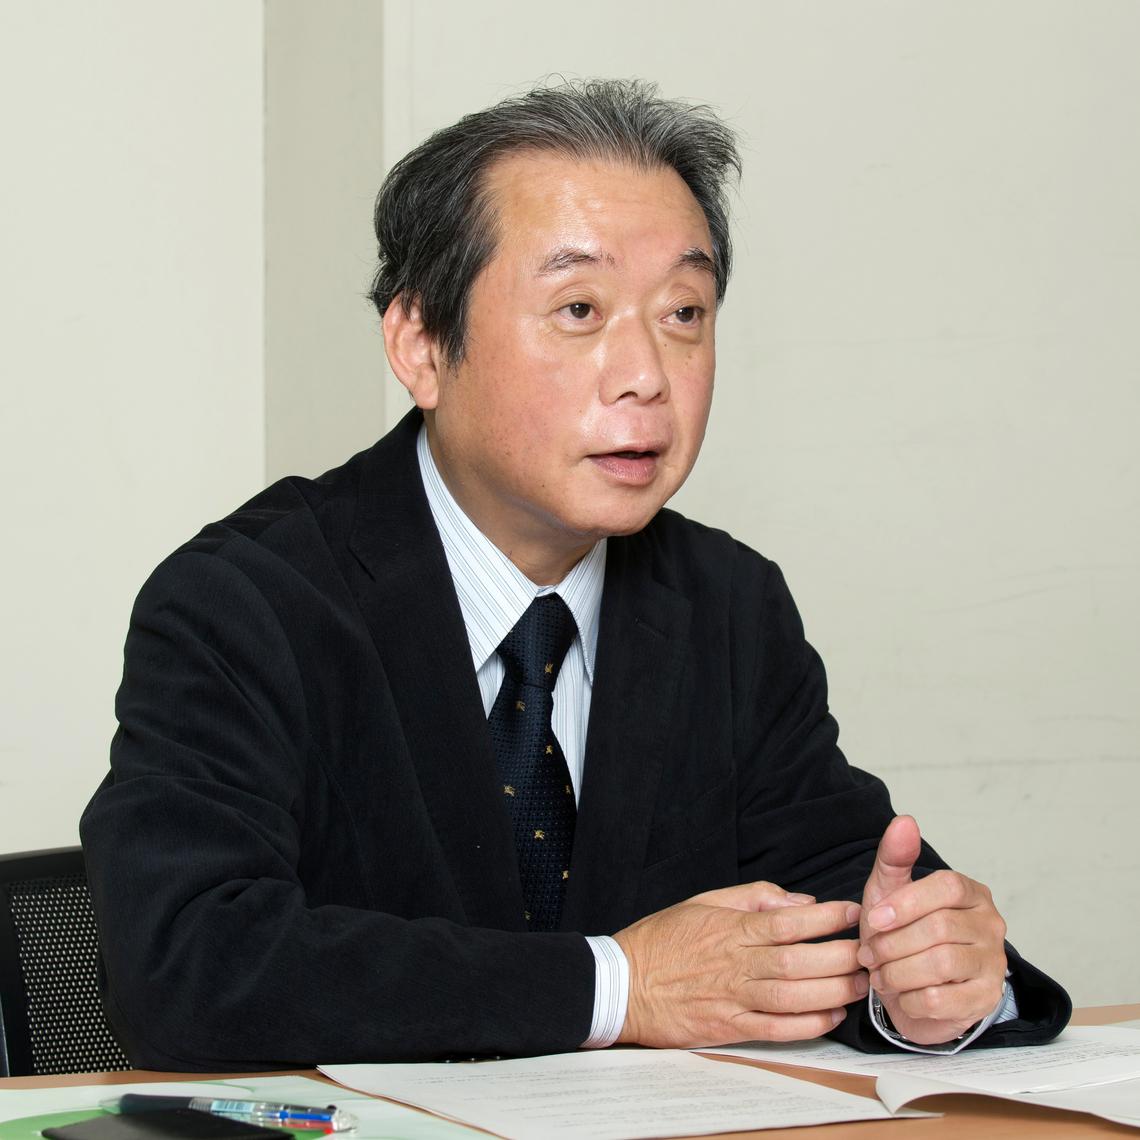 橋元良明氏